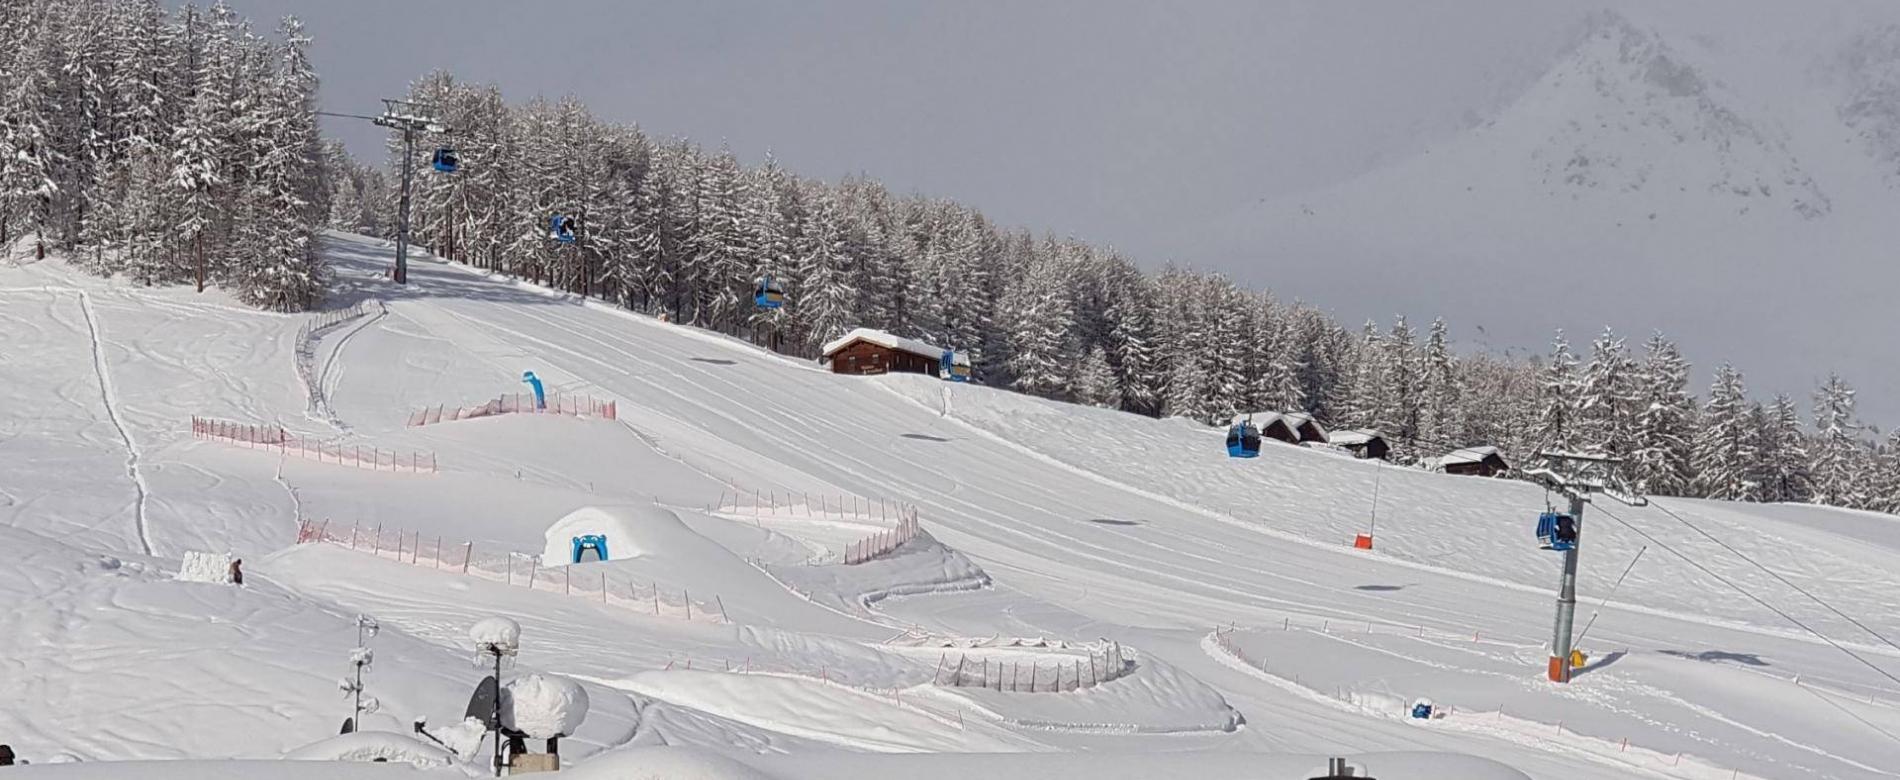 Livigno un paradiso di neve!: Immagine